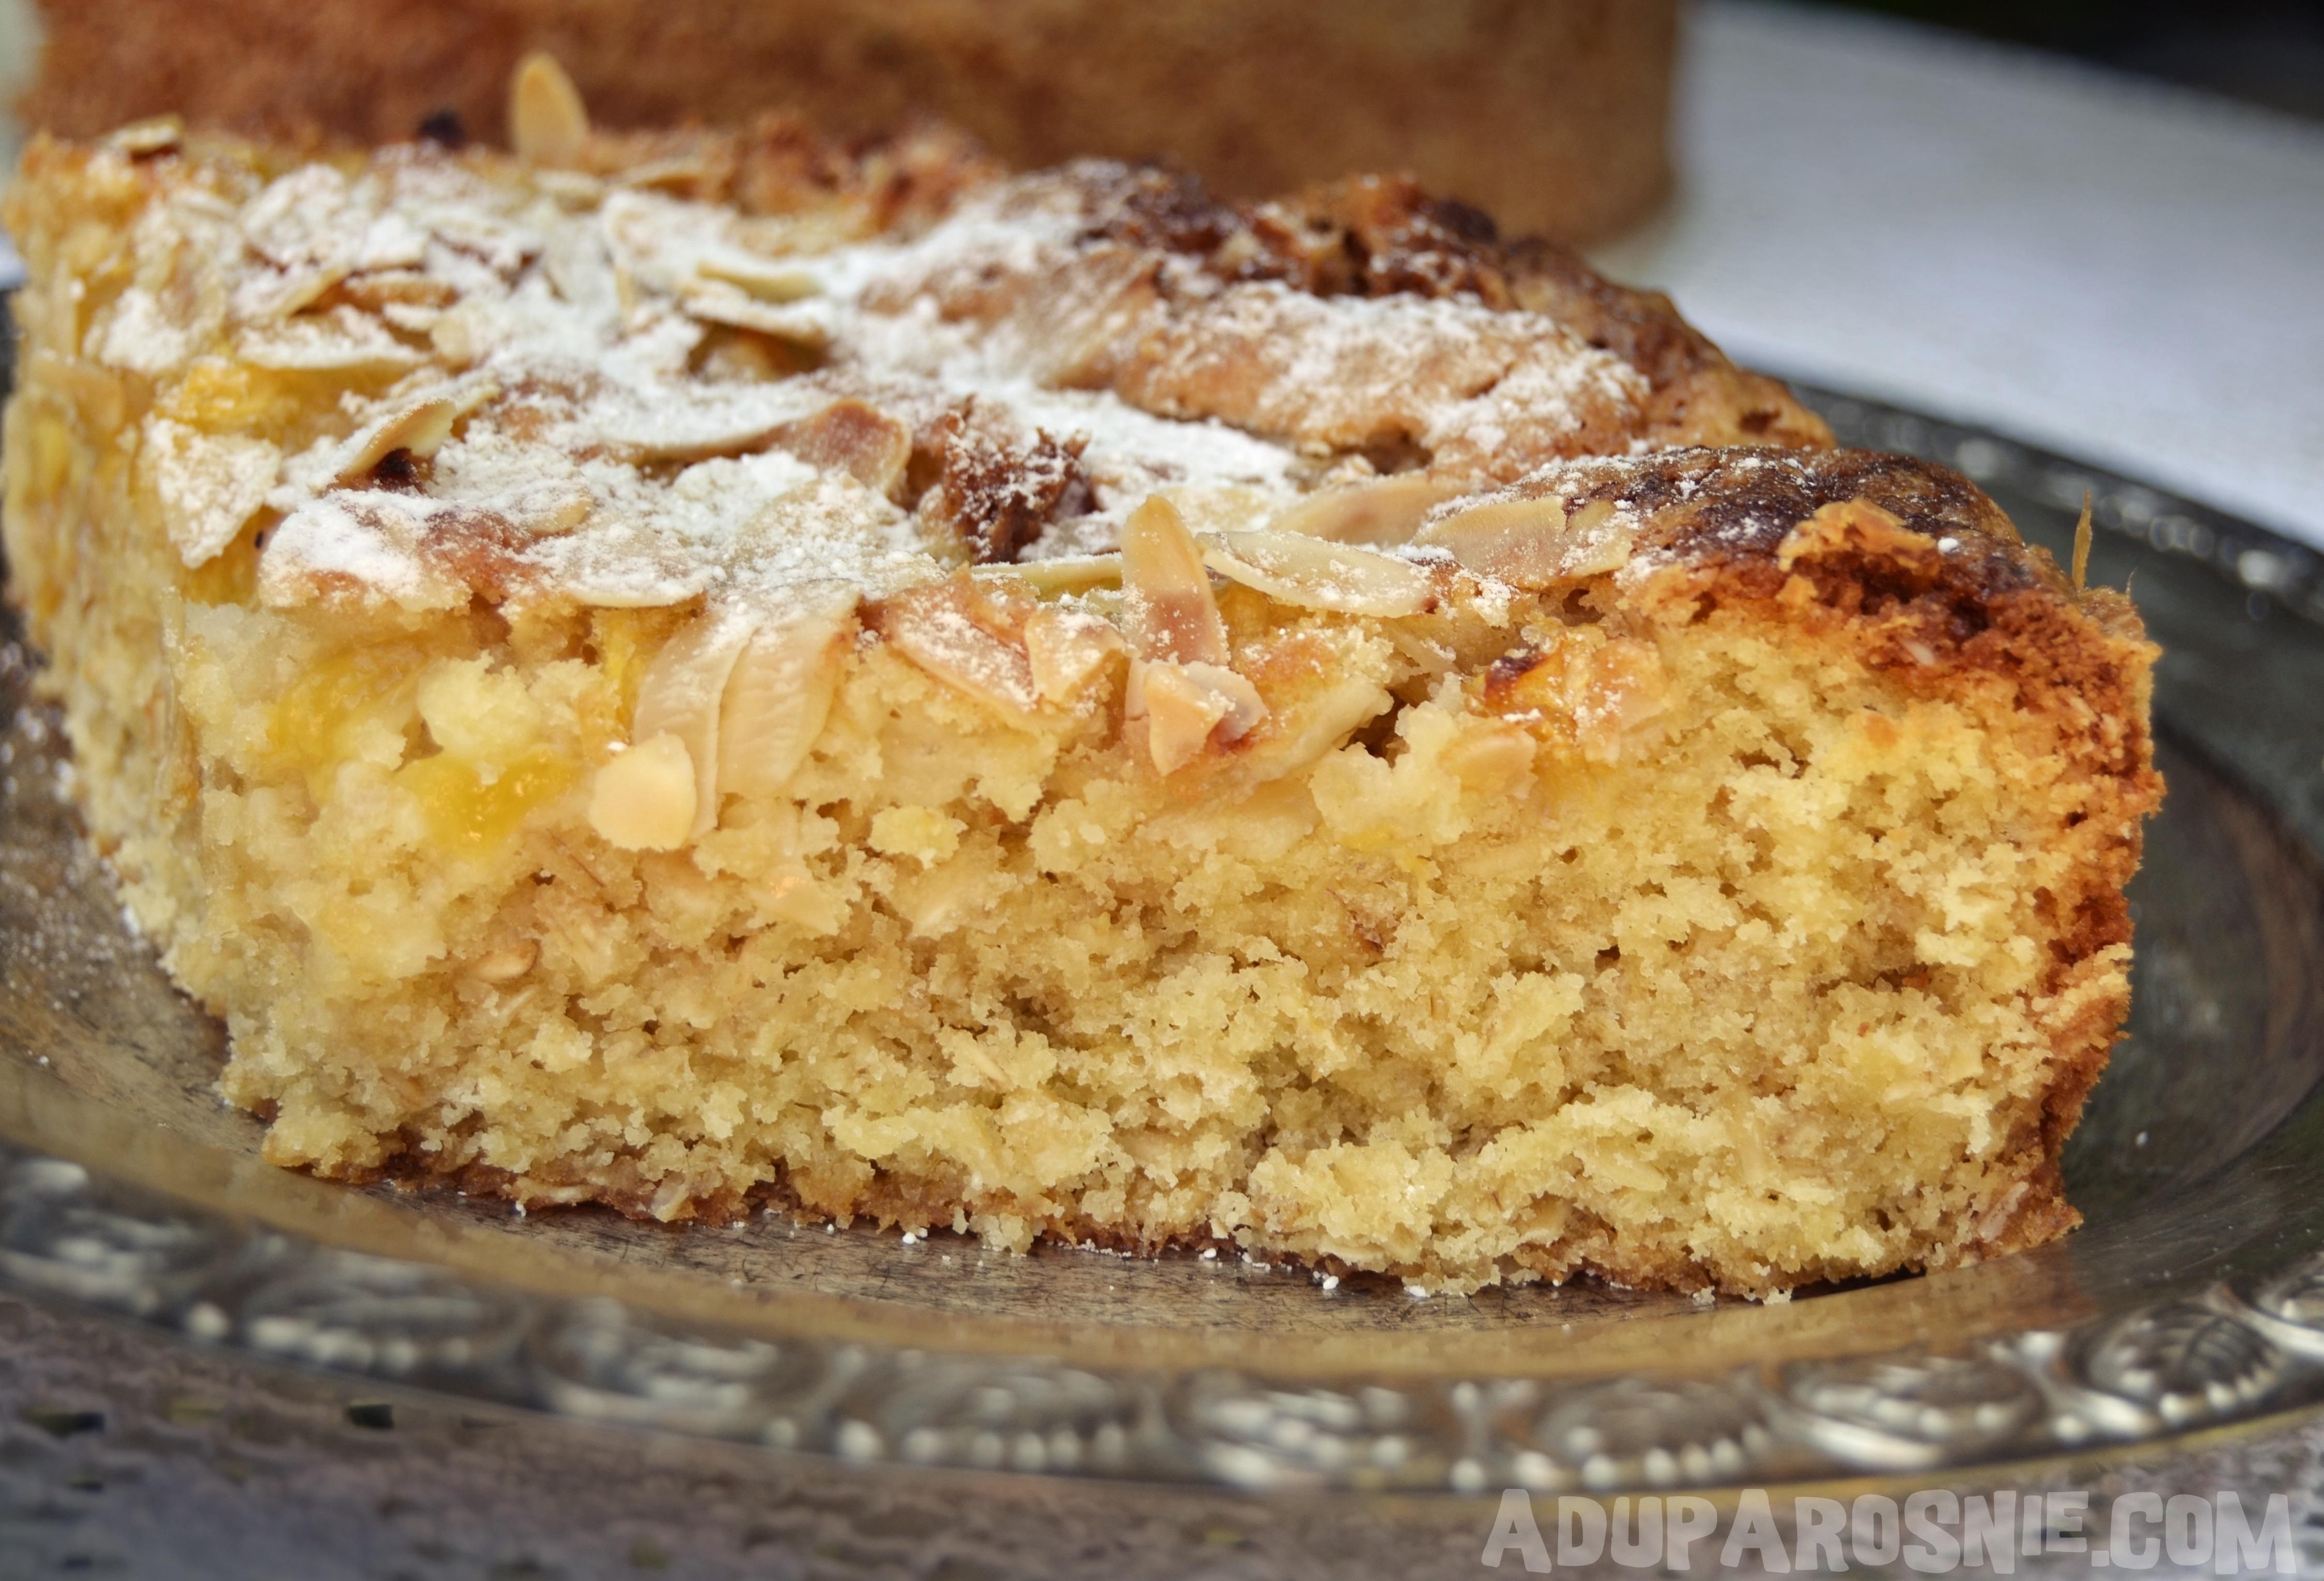 ciasto brzoskwiniowe z płatkami owsianymi (1)